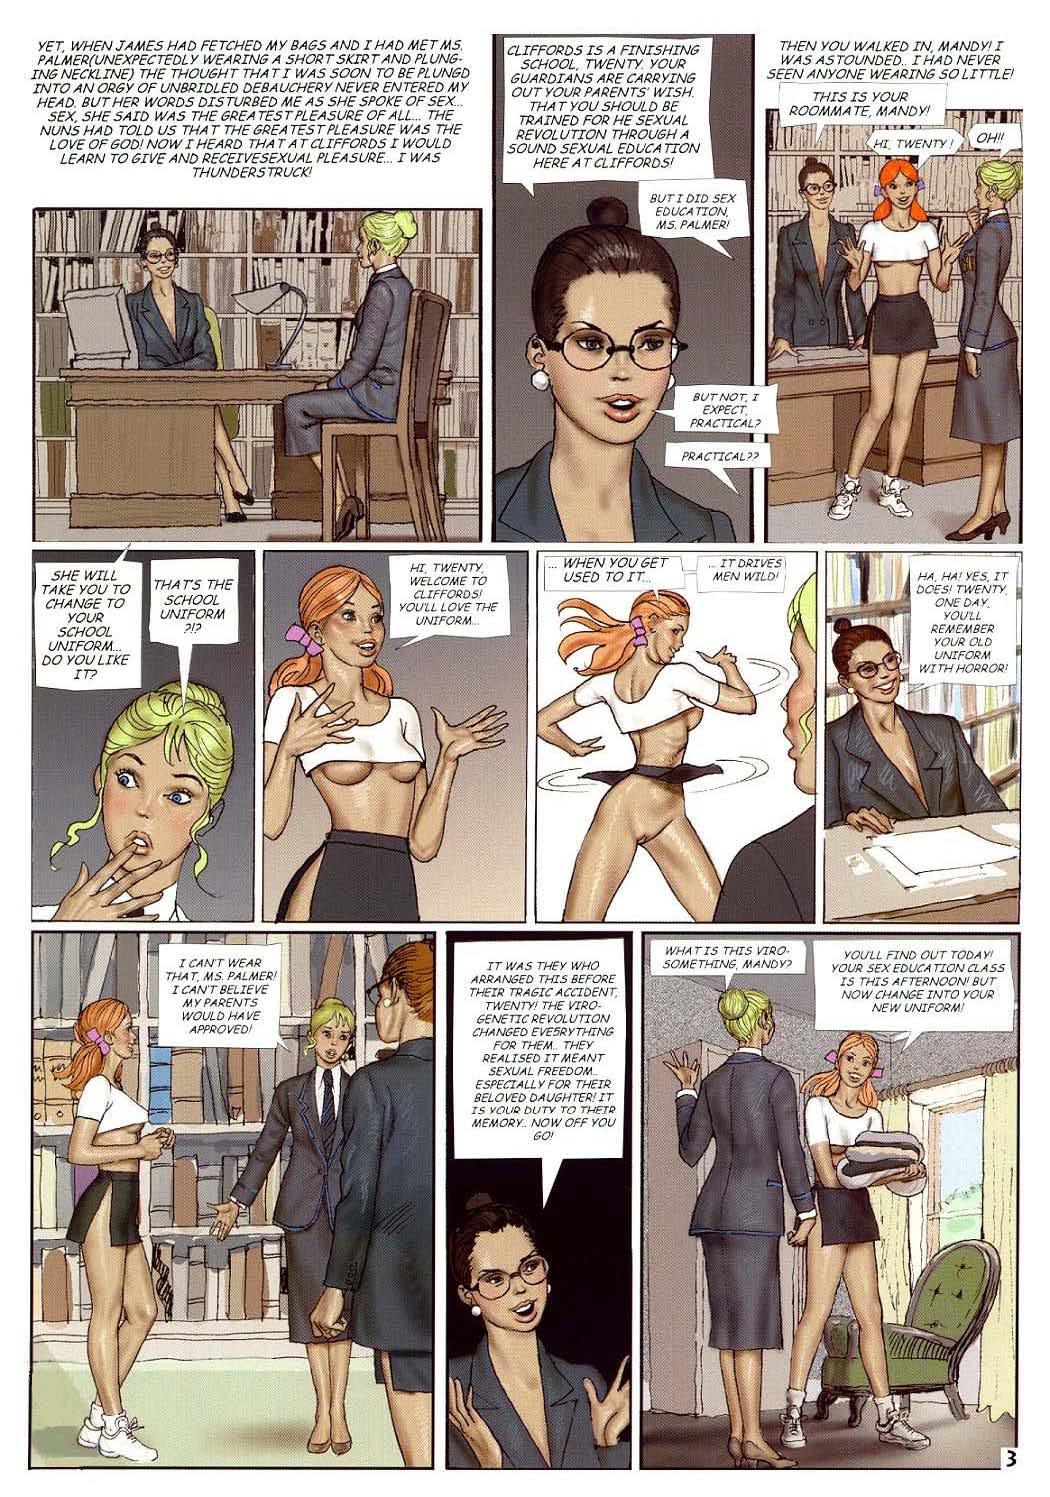 Секс на школа переводом 2 фотография